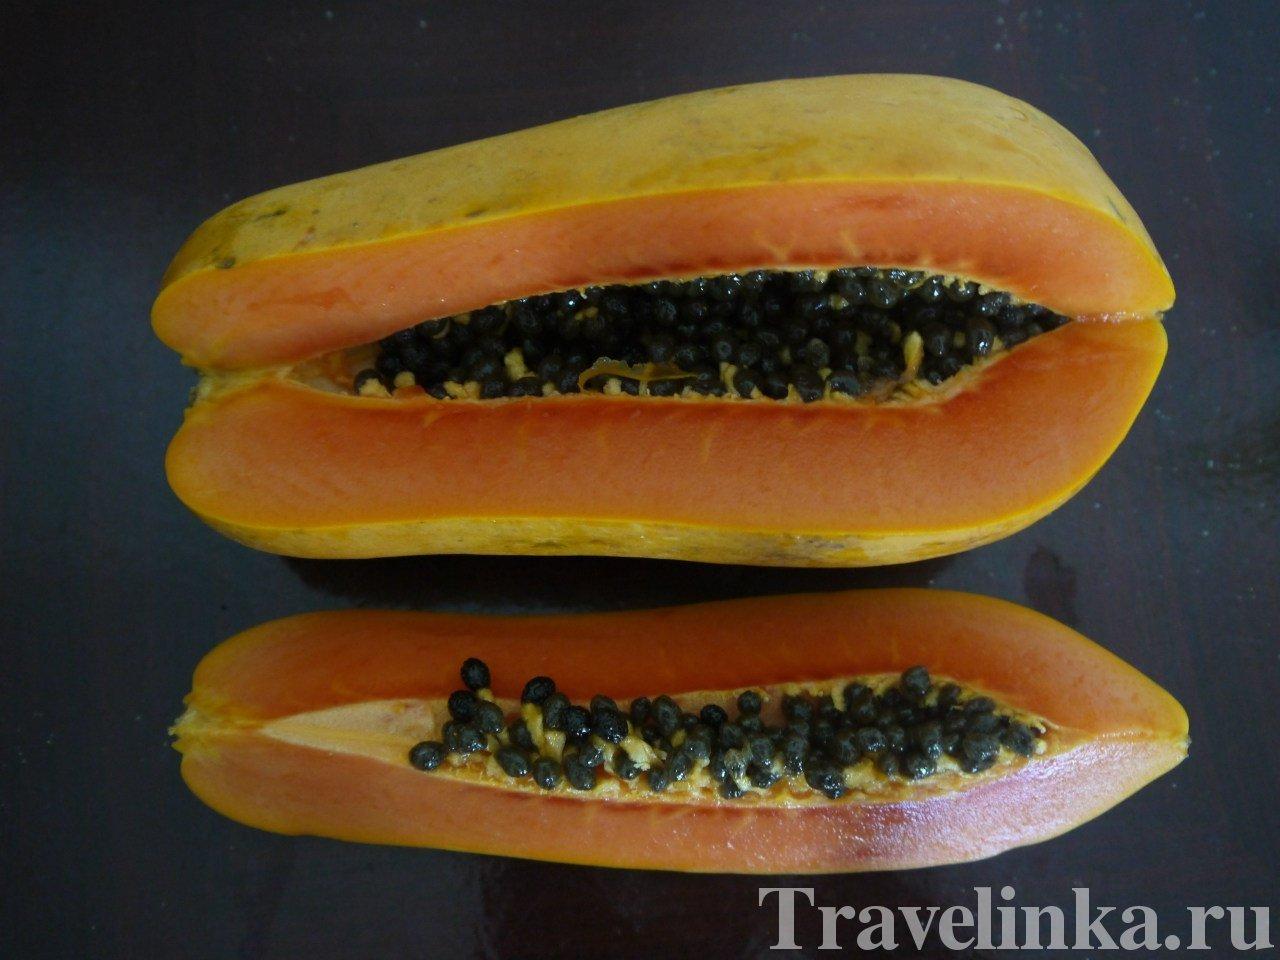 фрукты тайланда фото (2)